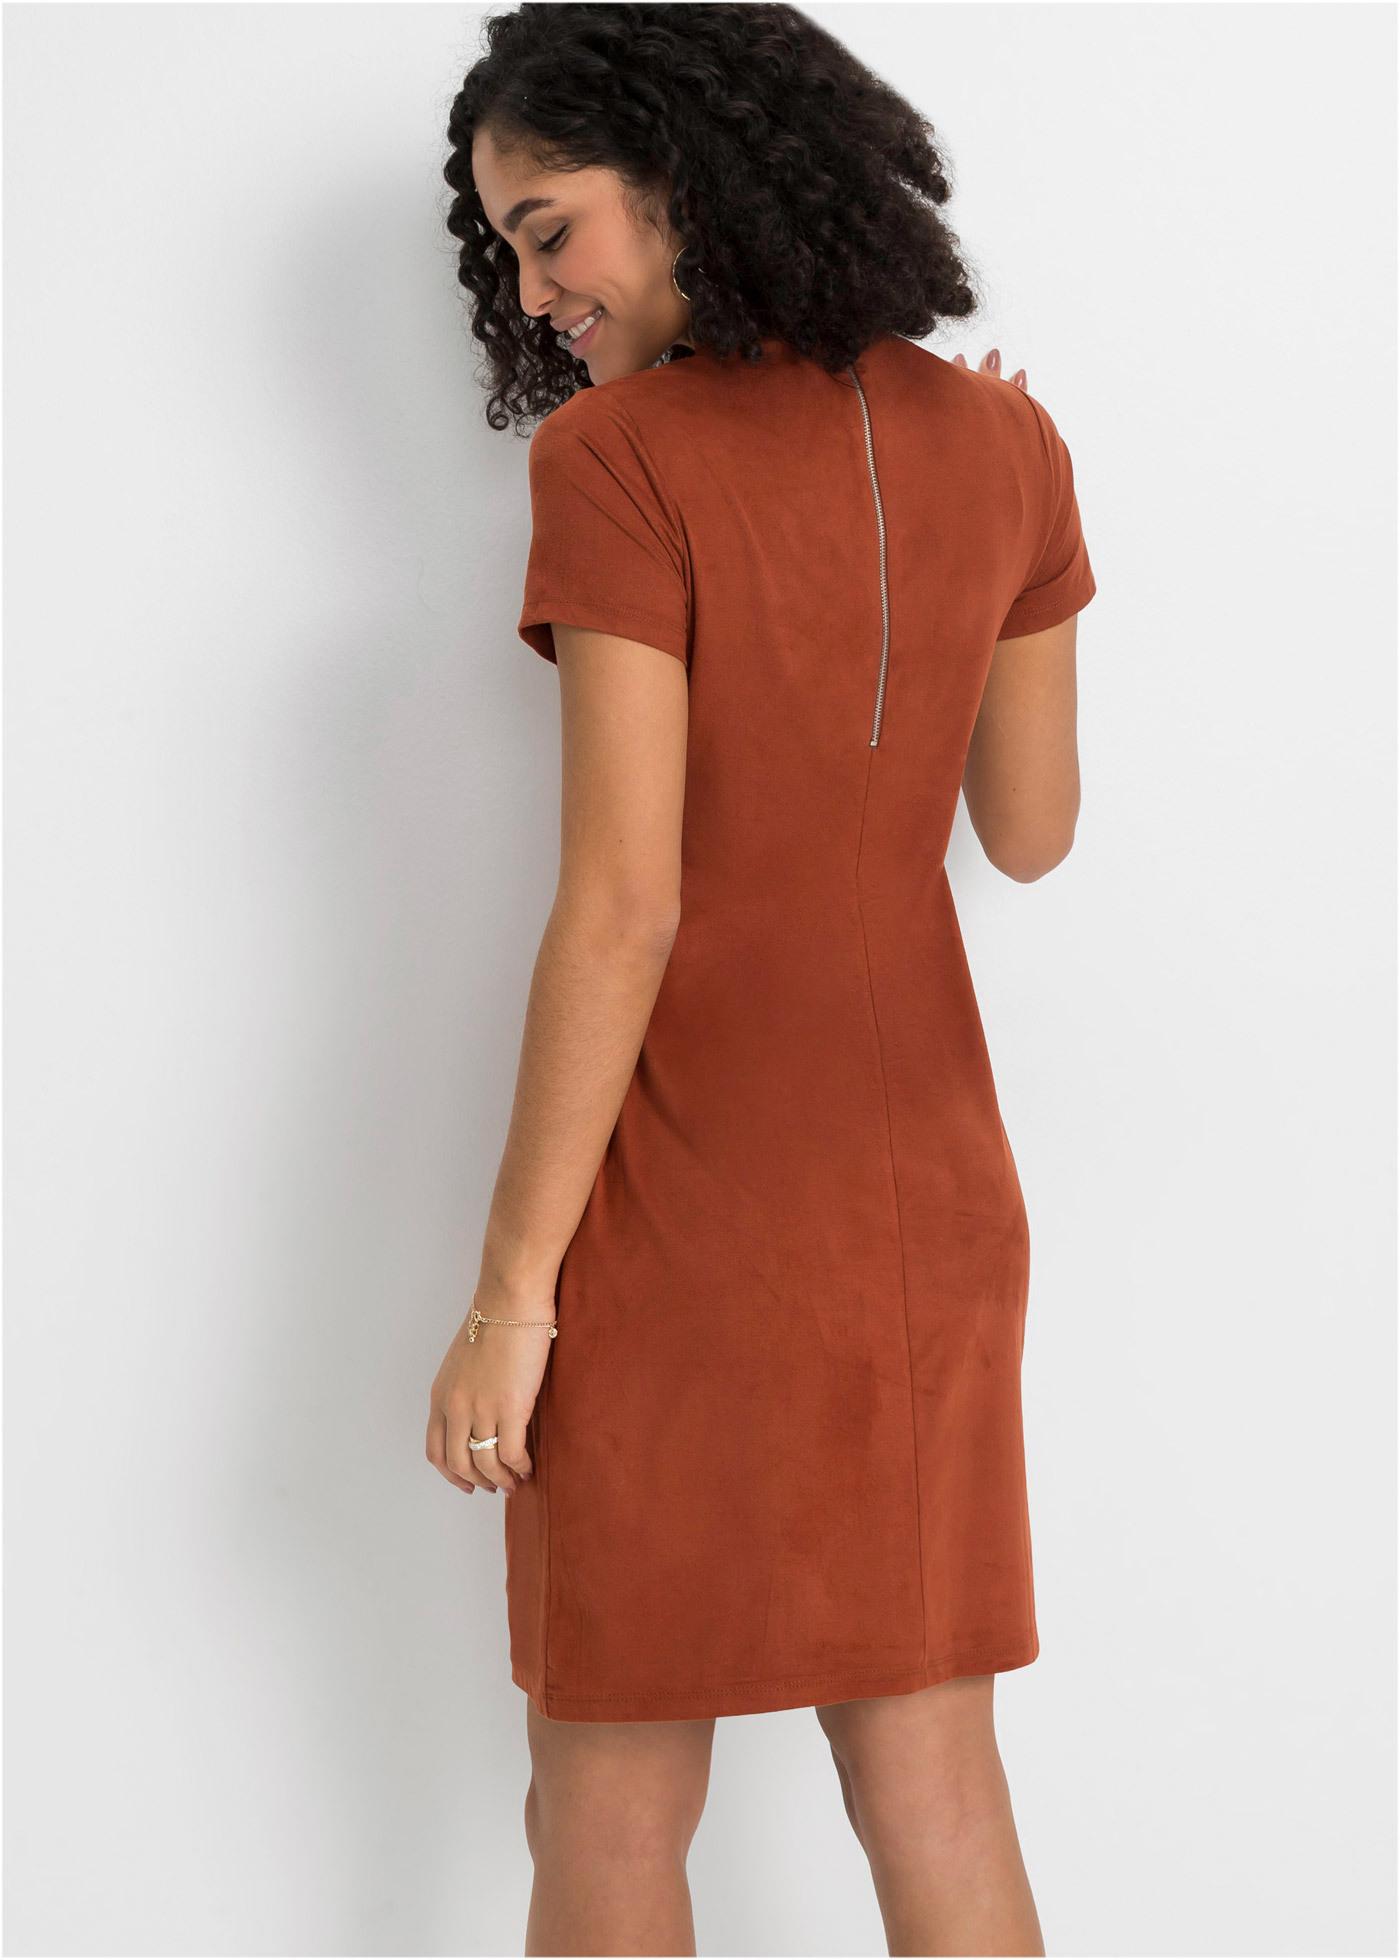 Modernes Kleid Aus Lederimitat - Cognac